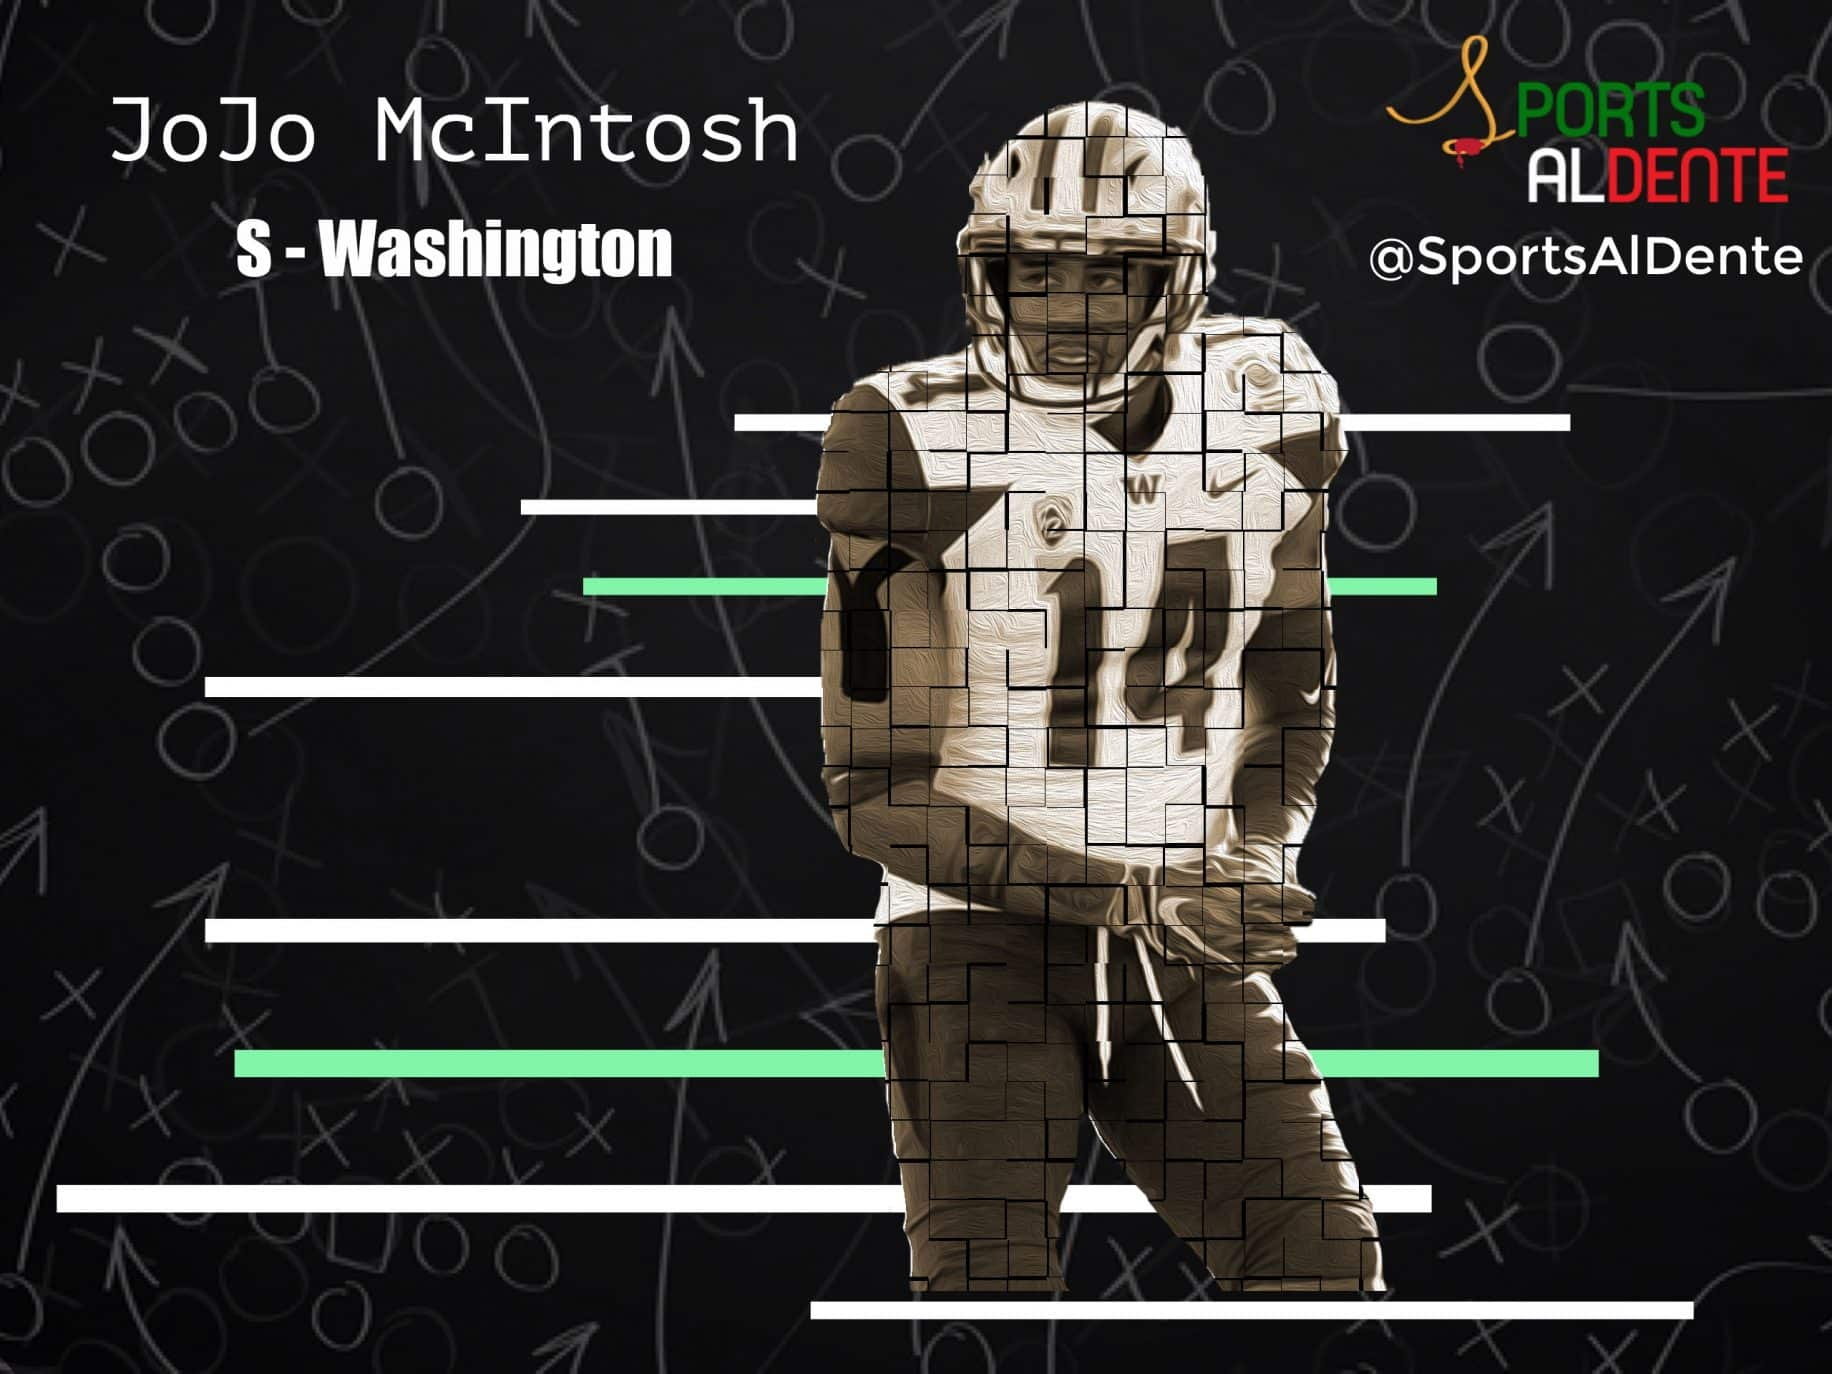 JoJo McIntosh NFL Draft Profile